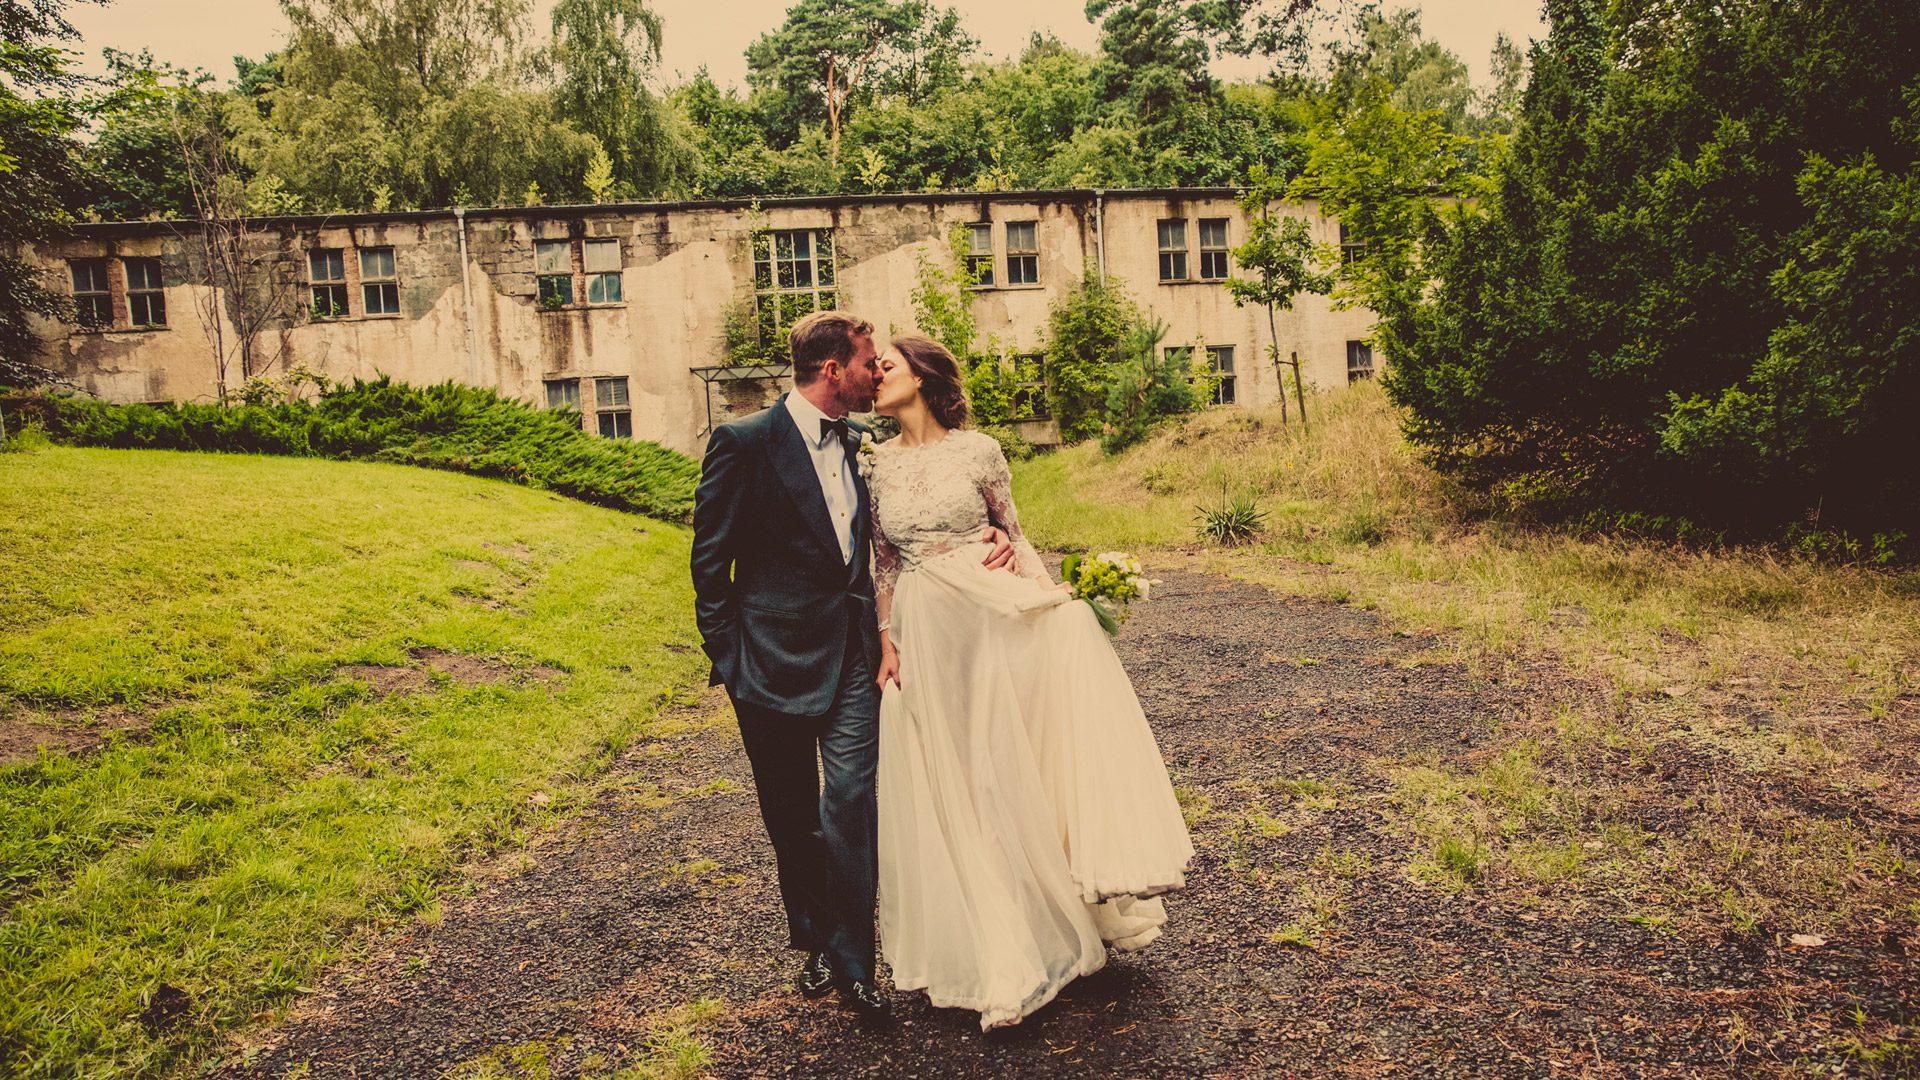 Hochzeit in der Siemensvilla in Potsdam